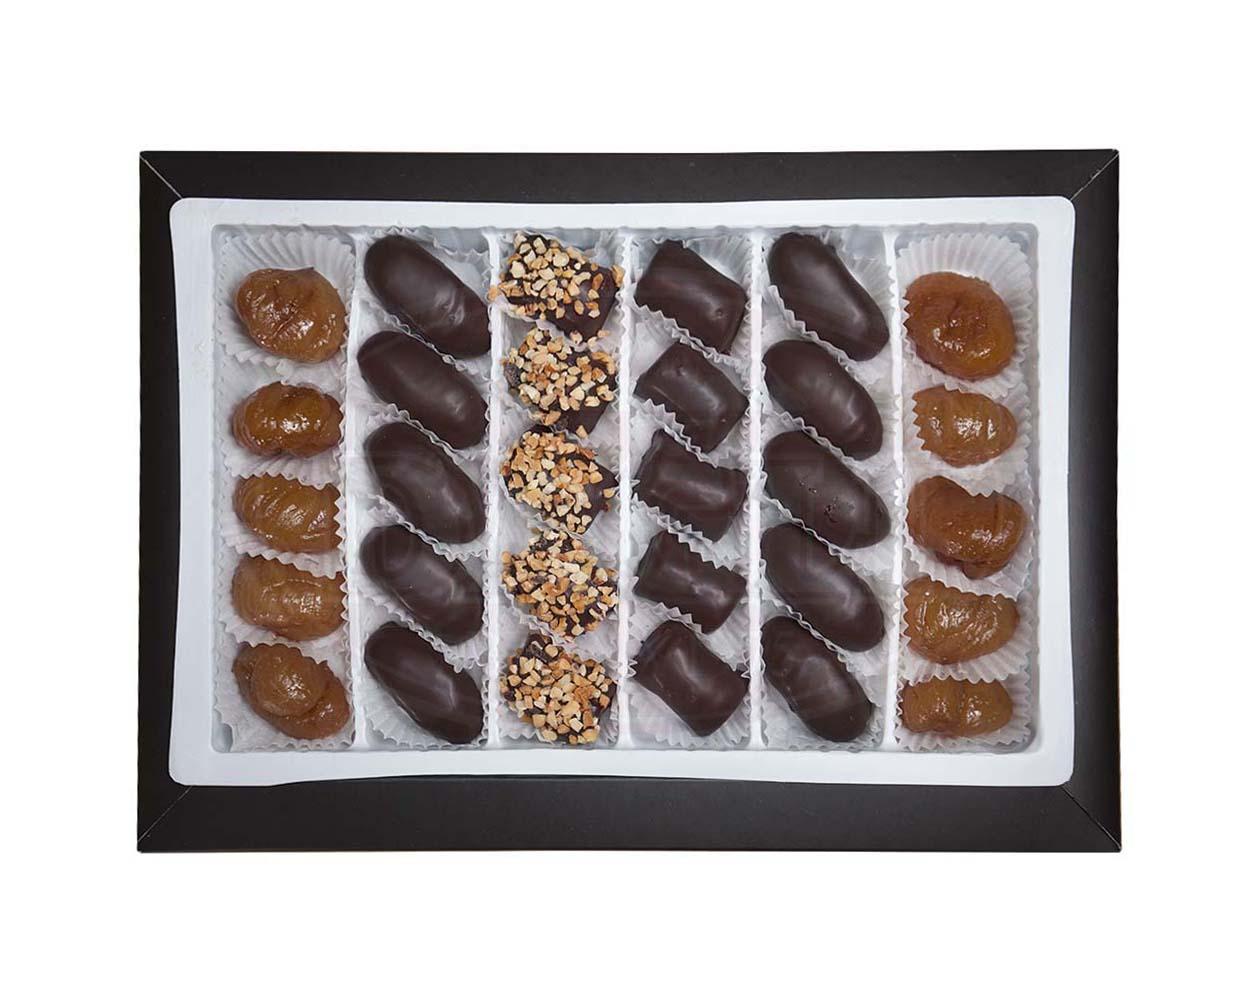 Lüks Kutu Karışık(Spesial) Kestane Şekeri 500g